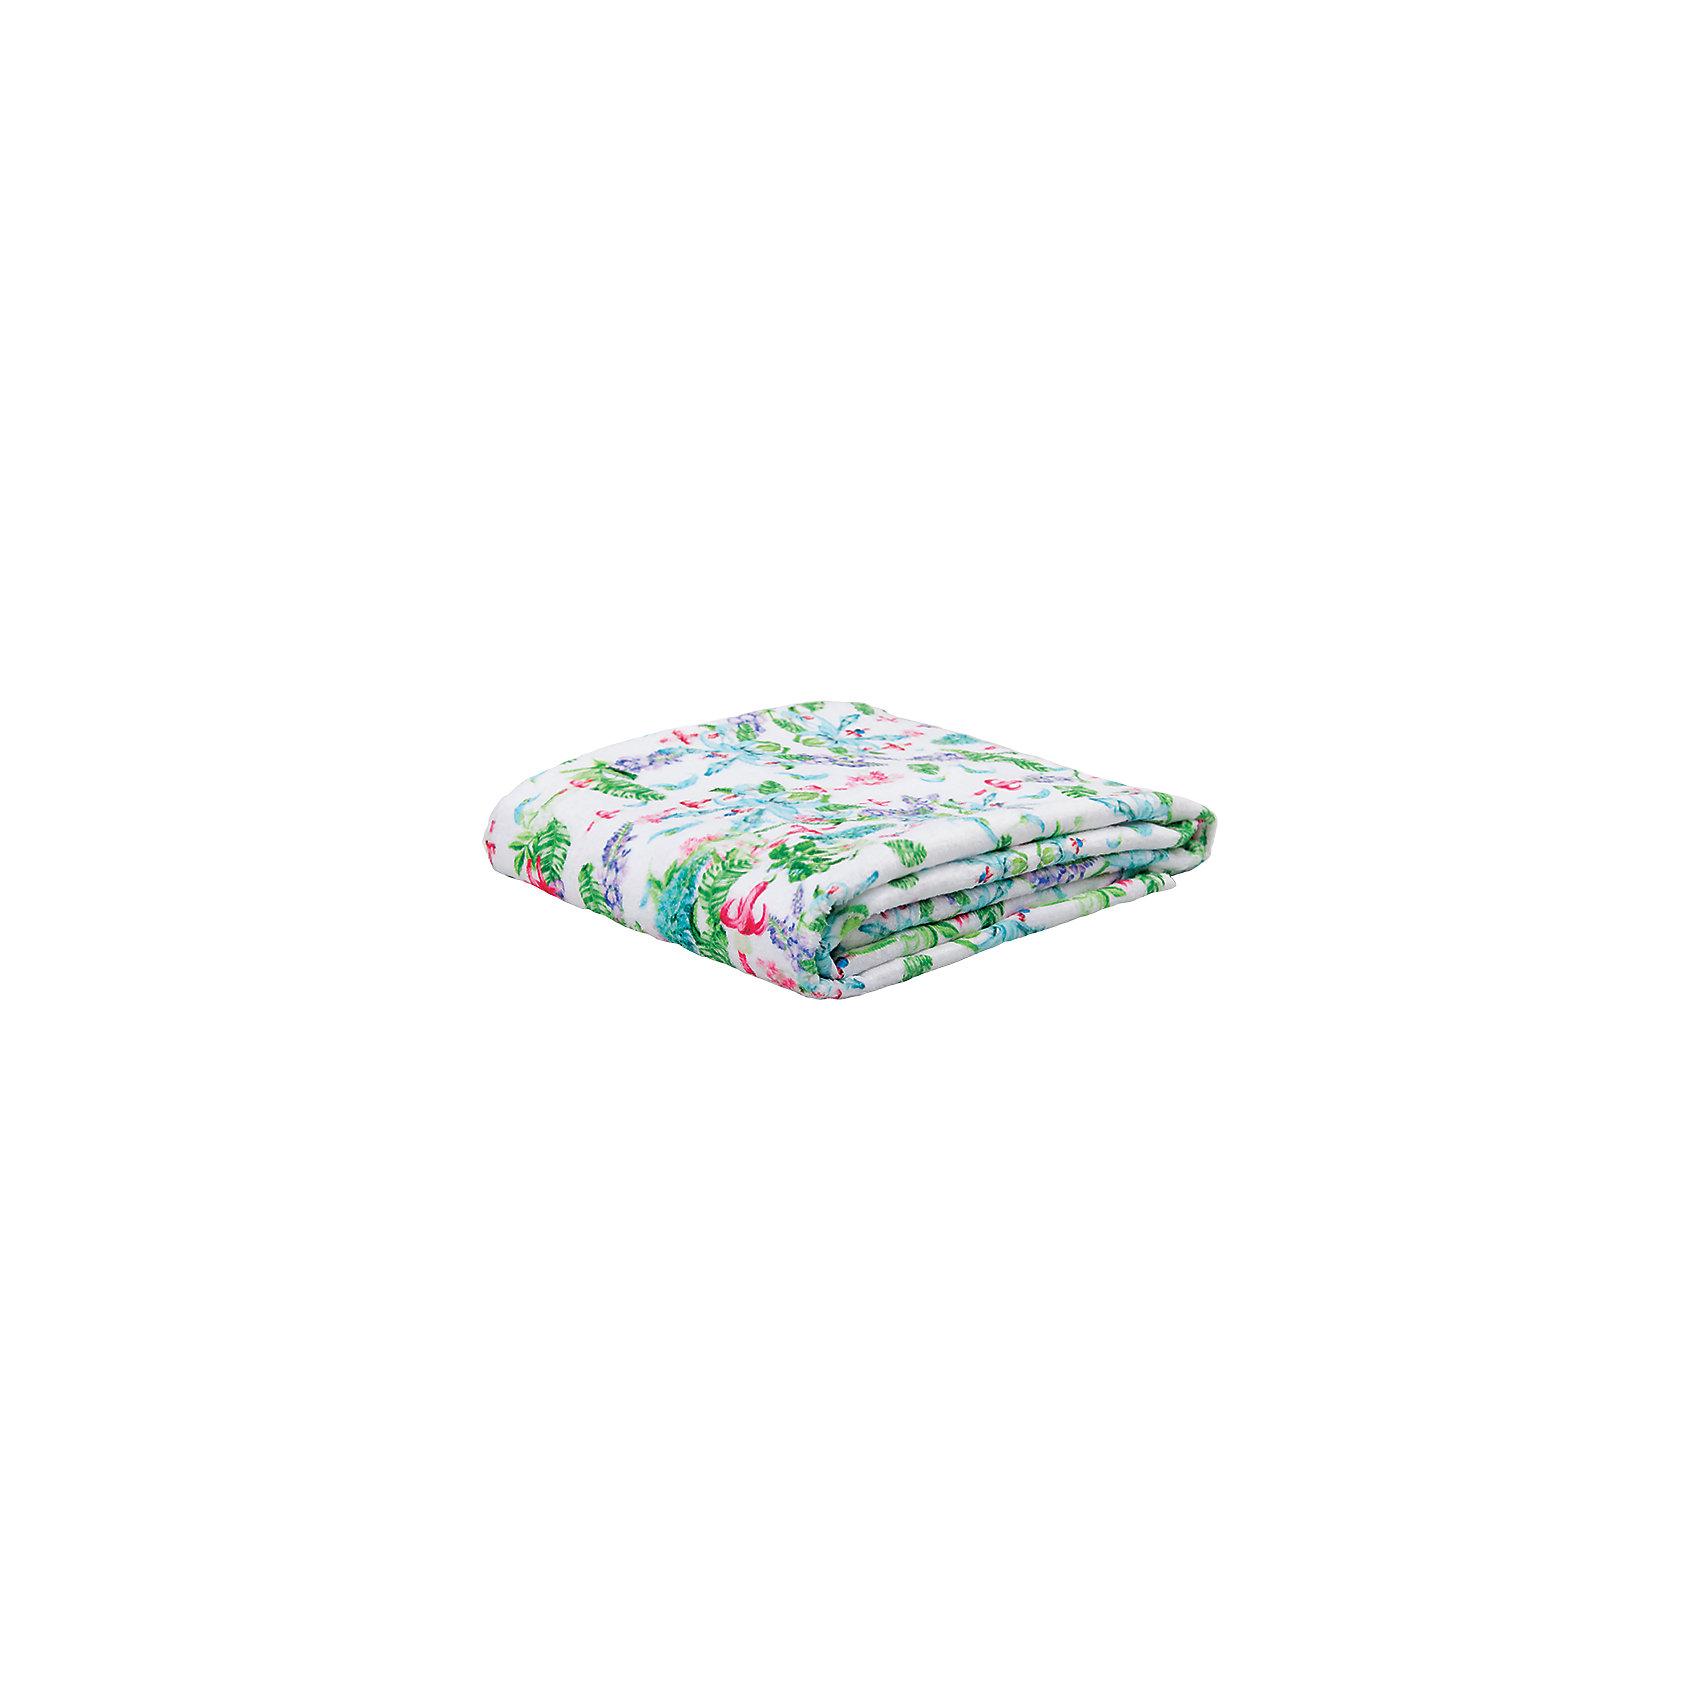 Полотенце «Jade» 50*90 хлопок велюр, Mona LizaПолотенца<br>Характеристики:<br><br>• материал: махра<br>• состав: 70% хлопок, 30% велюр<br>• размер полотенца: 50х90 см<br>• размер упаковки: 37х1х25 см<br>• вес: 350 грамм<br><br>Полотенце Jade отличается ярким дизайном и необычным принтом. Такое полотенце не только подарит вам ощущение сухости, но и поднимет настроение после водных процедур. Полотенце выполнено из махровой ткани. Она быстро впитывает влагу, обеспечивая вам комфорт при использовании. К тому же, махра практически не мнется и легко отстирывается.<br><br>Полотенце «Jade» 50*90 хлопок велюр, Mona Liza (Мона Лиза) вы можете купить в нашем интернет-магазине.<br><br>Ширина мм: 300<br>Глубина мм: 10<br>Высота мм: 200<br>Вес г: 200<br>Возраст от месяцев: 84<br>Возраст до месяцев: 600<br>Пол: Унисекс<br>Возраст: Детский<br>SKU: 6765284